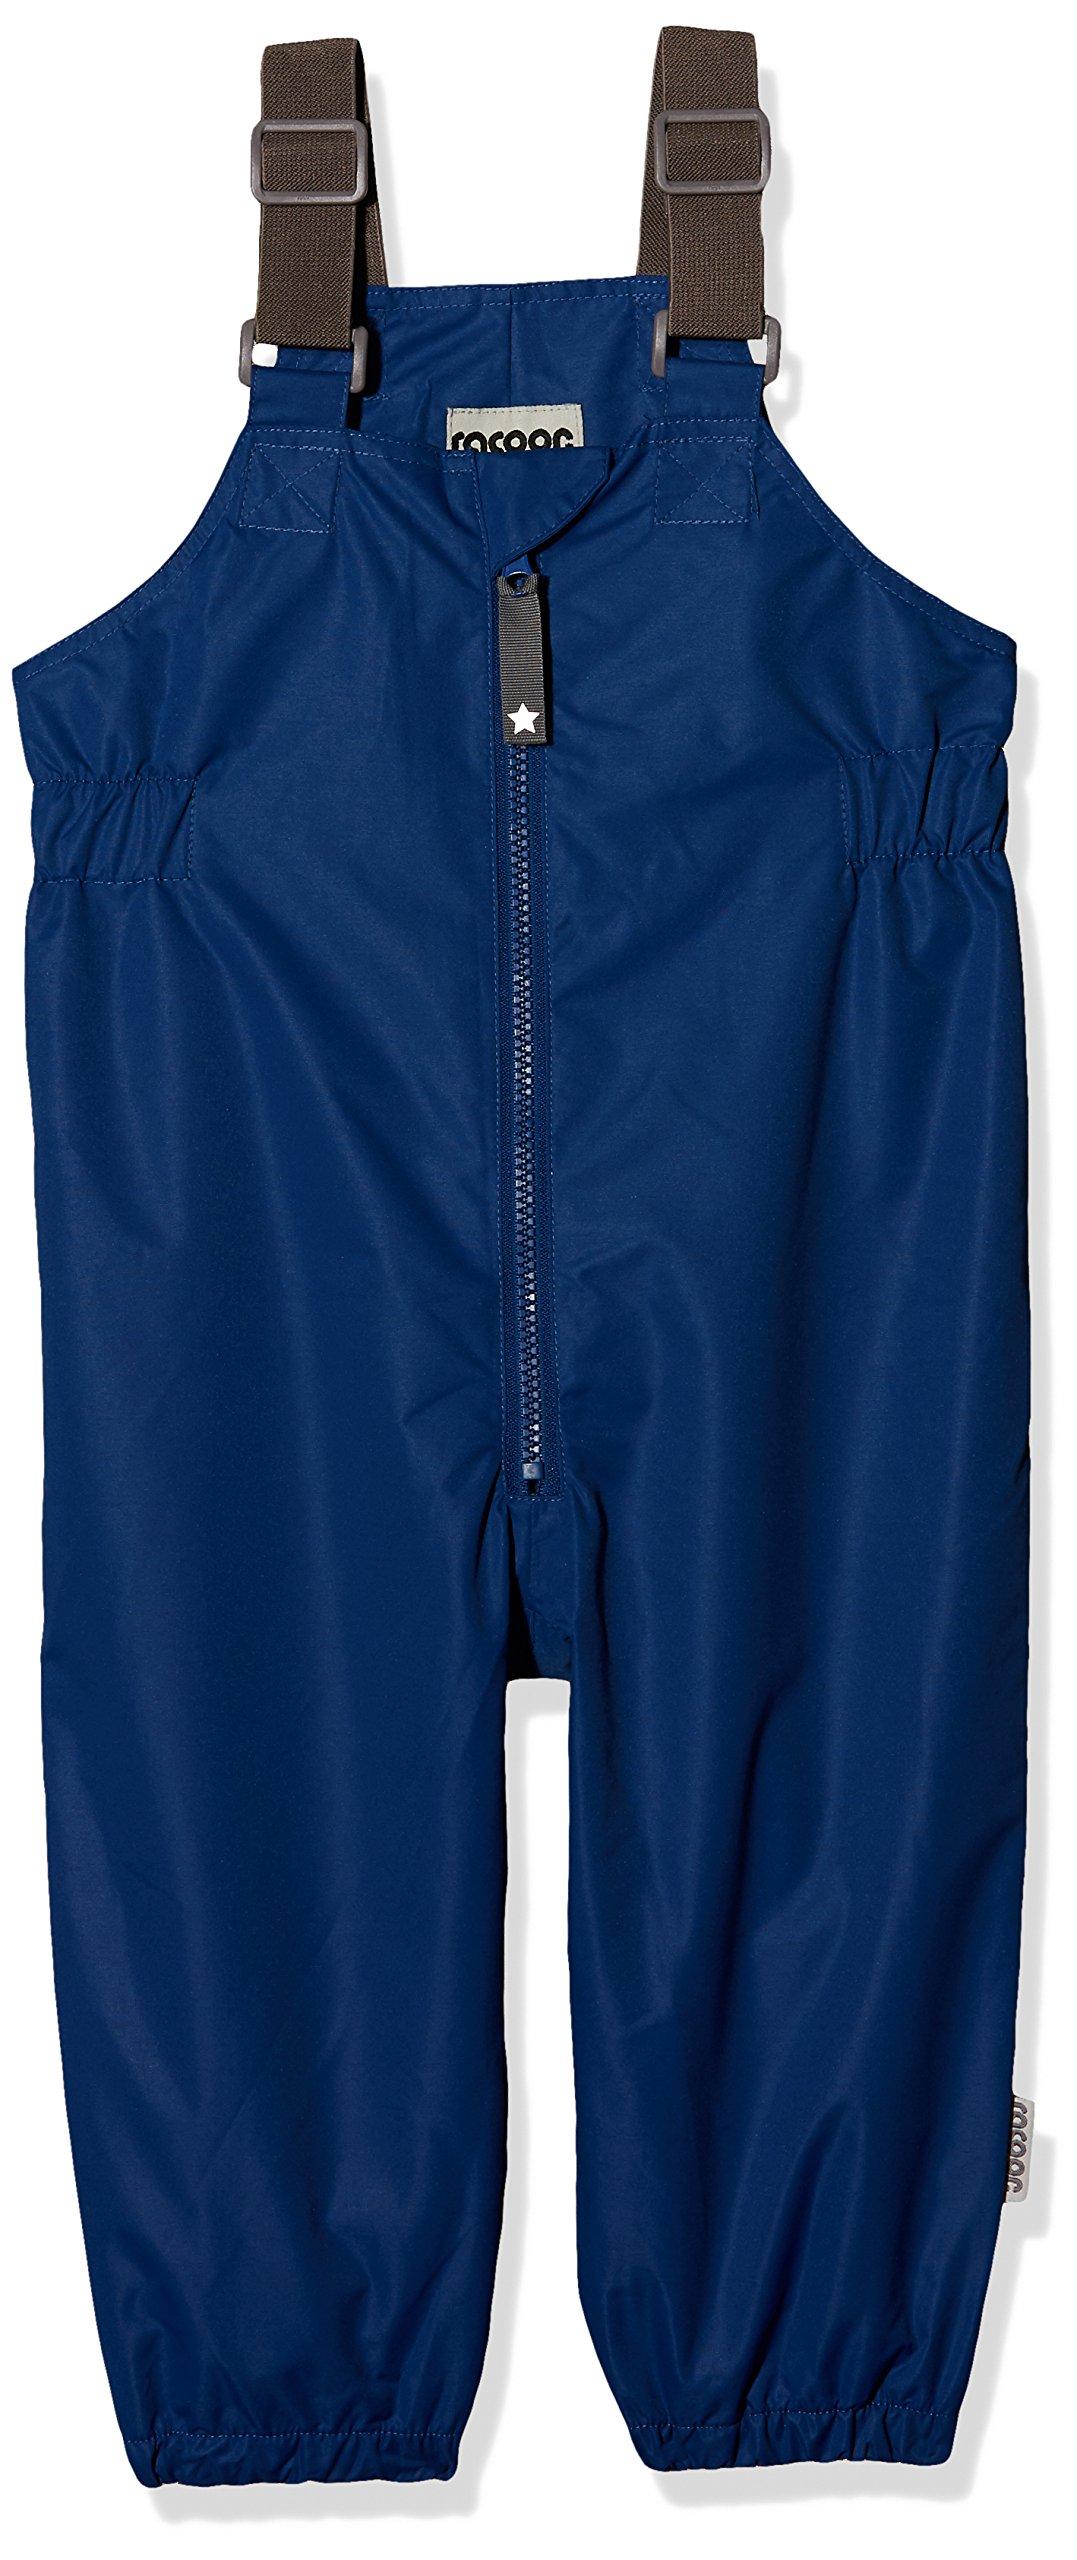 Racoon Pantalones Impermeables Unisex bebé 1